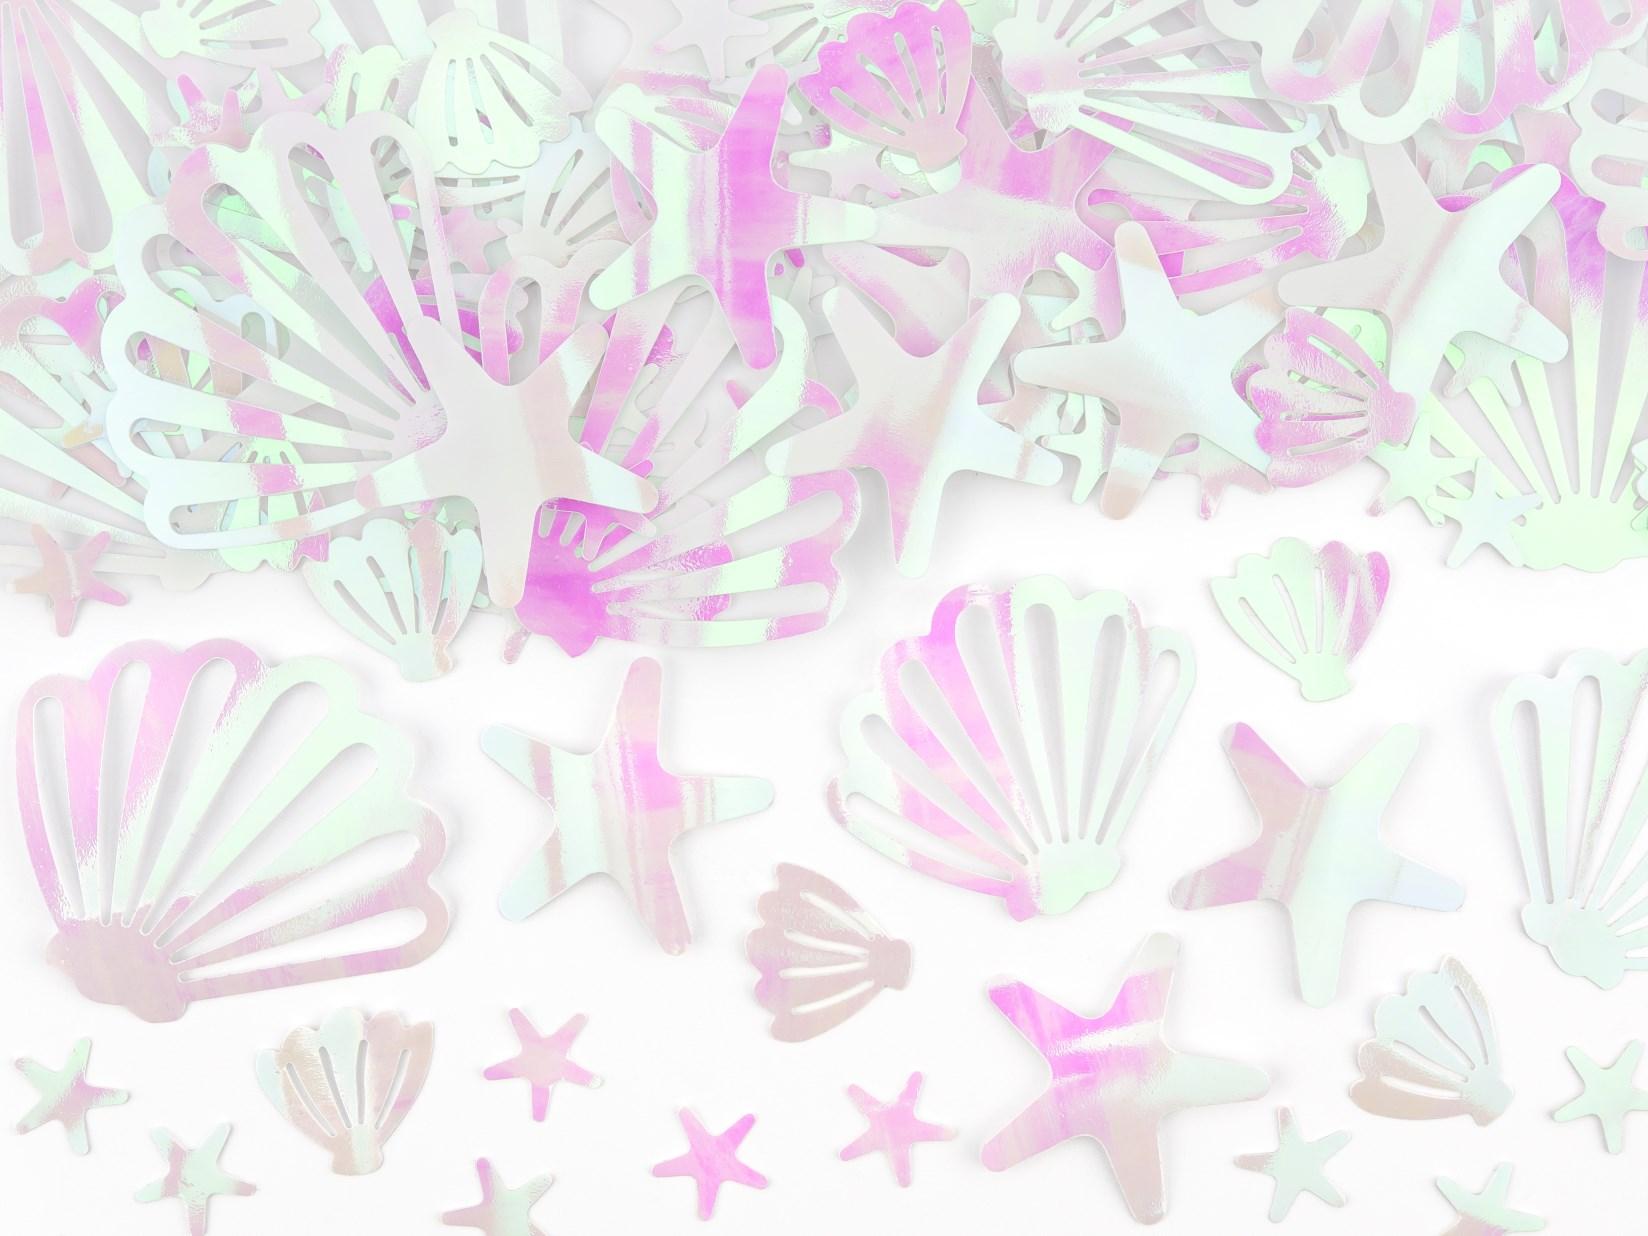 Κονφετί Foil Ιριδίζον Κοχύλια & Αστερίες – 23 Γραμμάρια